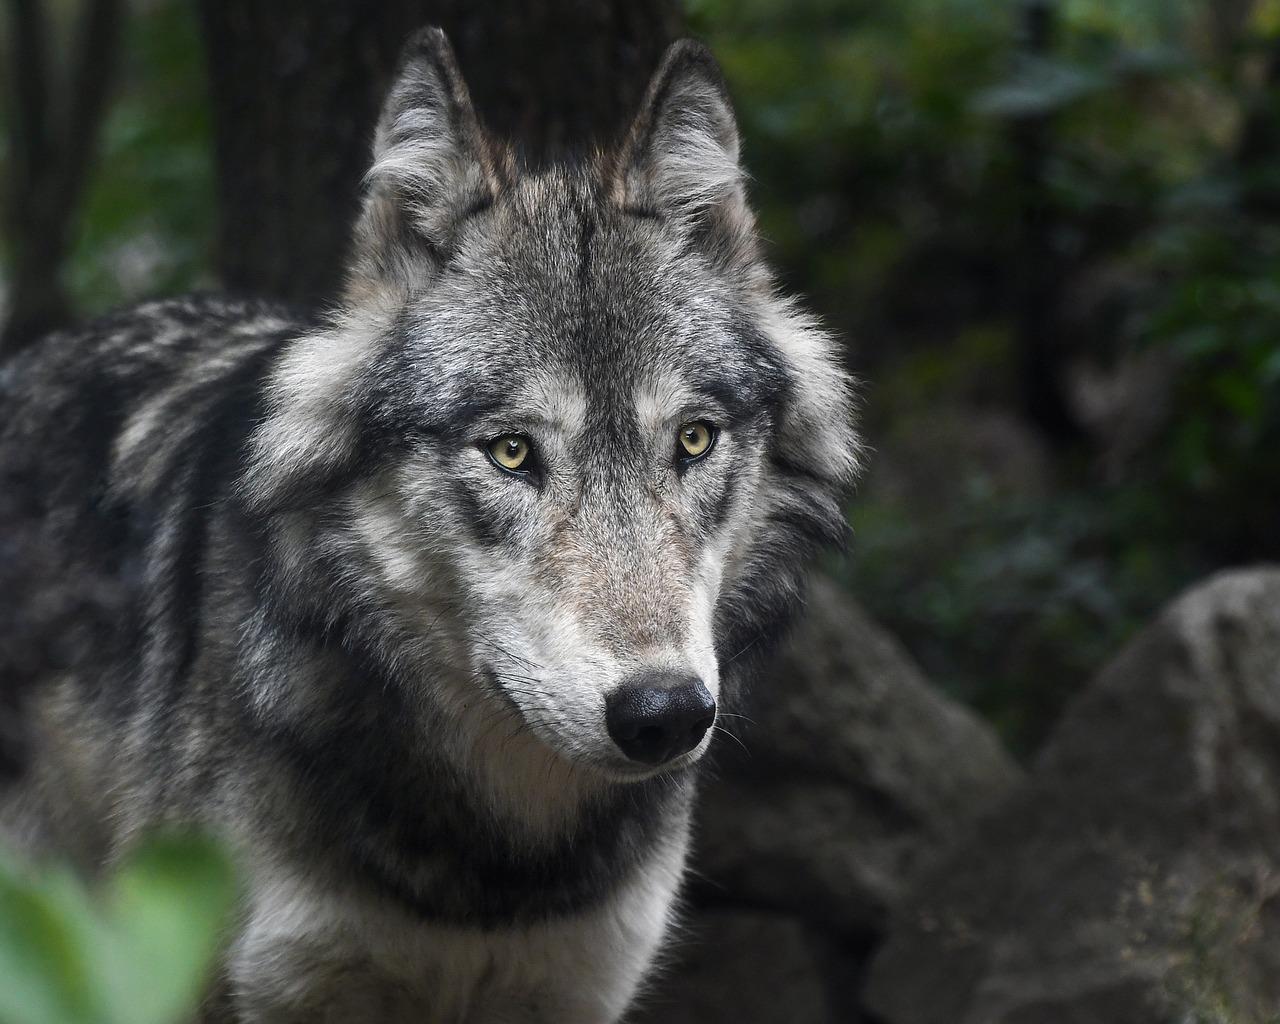 Gobierno de Trump quita protección legal a los lobos grises, especie en peligro de extinción